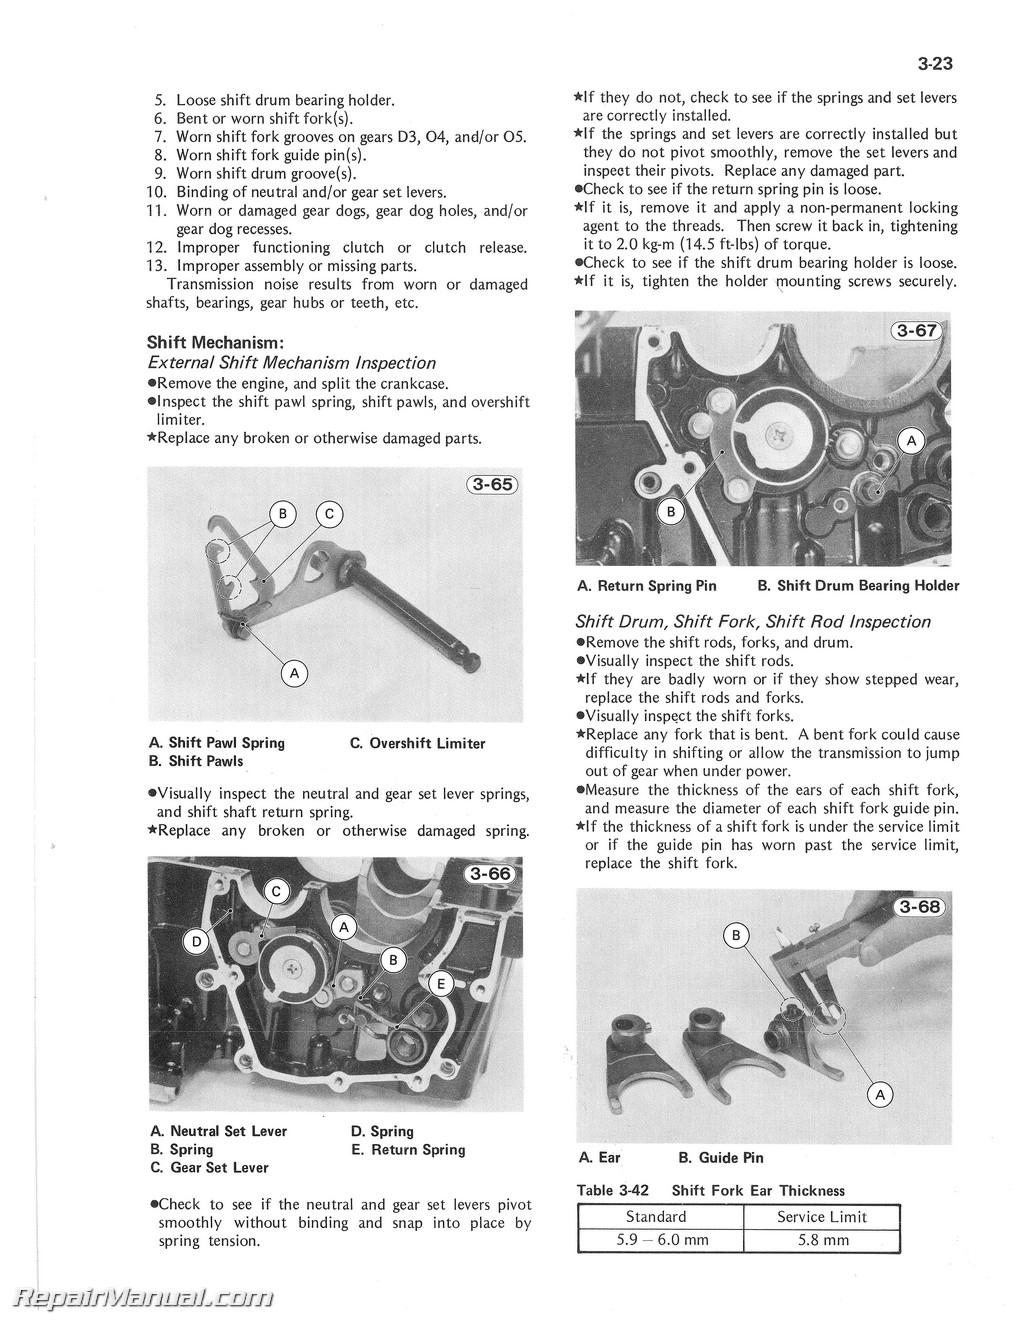 kz1000 wiring diagram 3 way diverter valve 1981 1982 kawasaki kz1100 motorcycle repair service